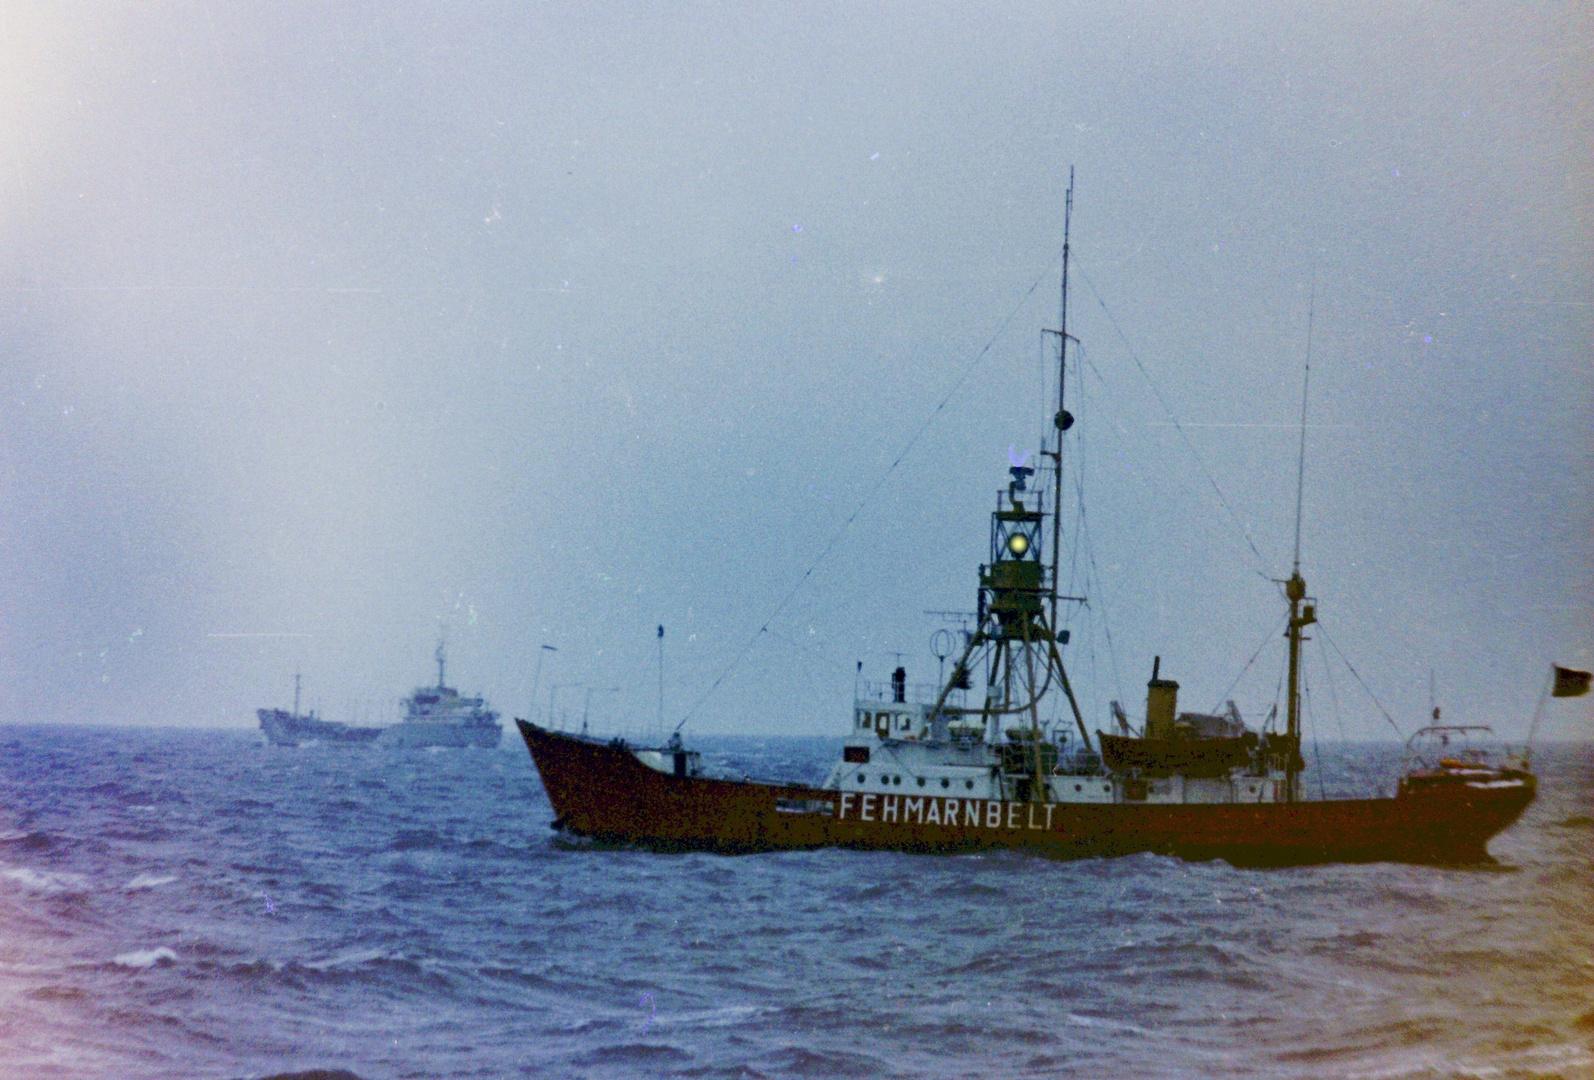 Feuerschiff Fehmarnbelt - 1982 auf hoher See - liegt jetzt in Lübeck am Kai